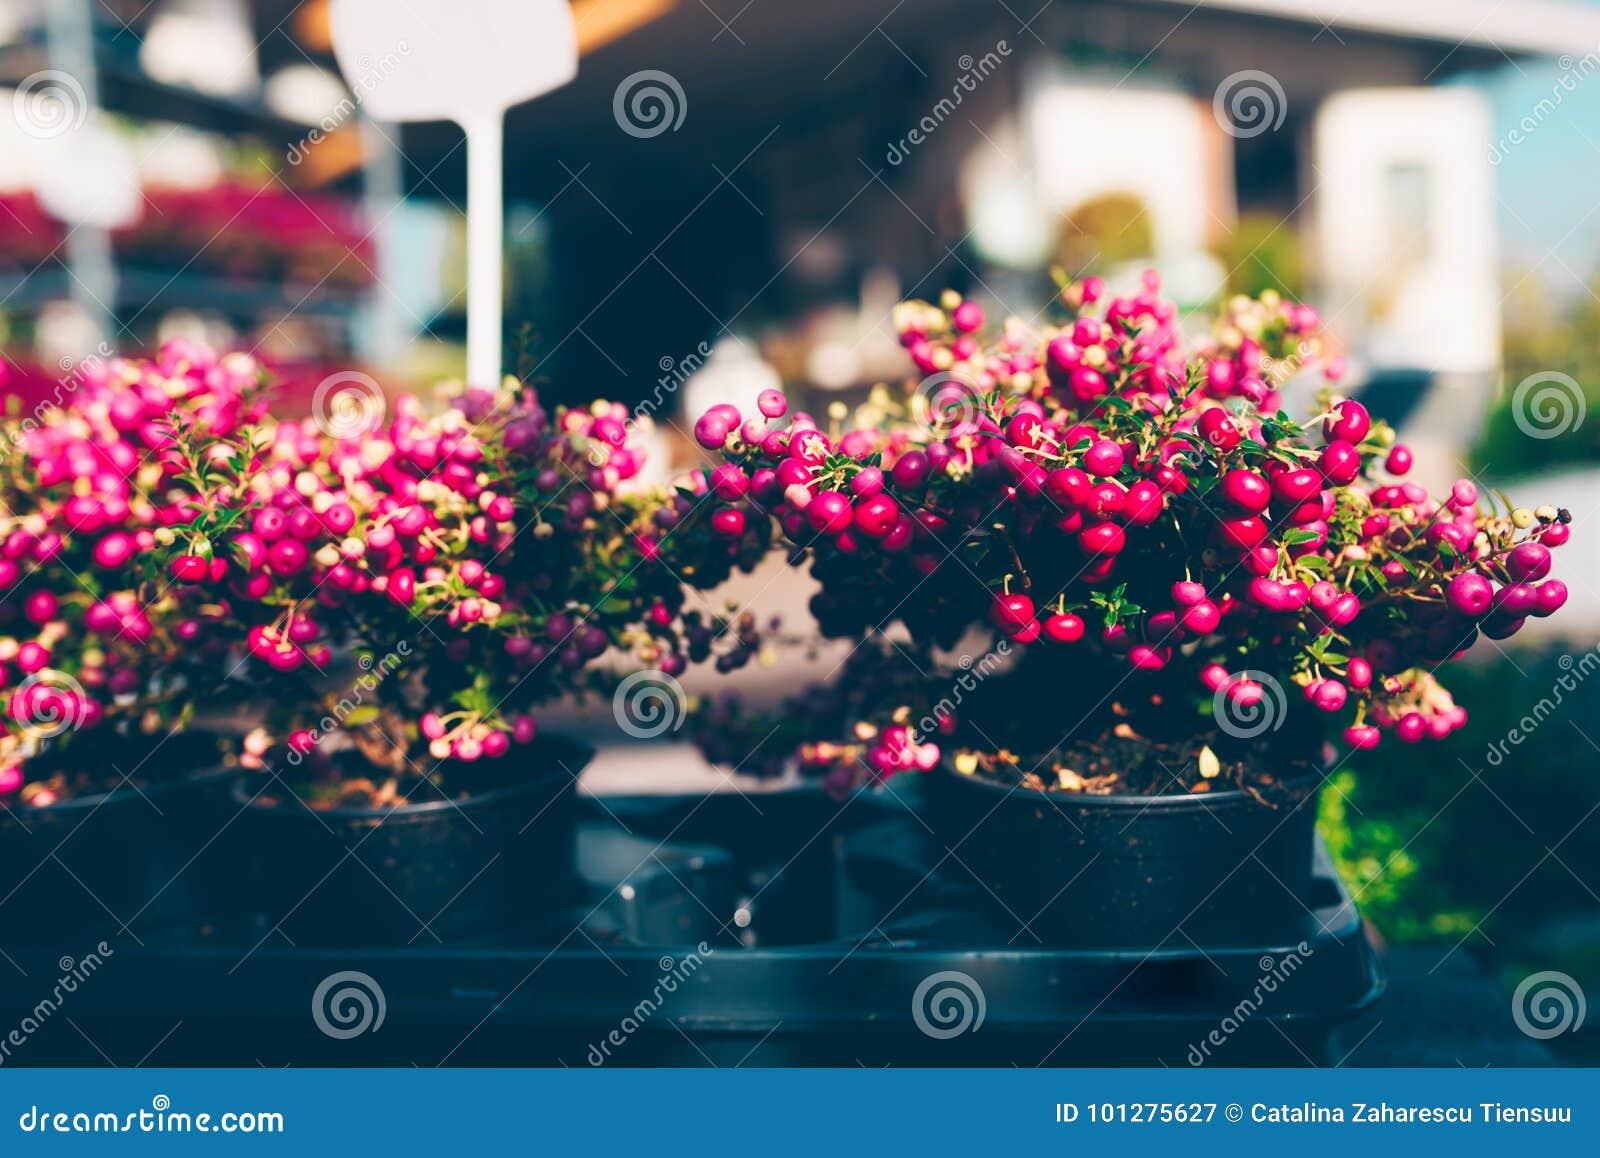 La planta ornamental de la Navidad llamó el brezo espinoso